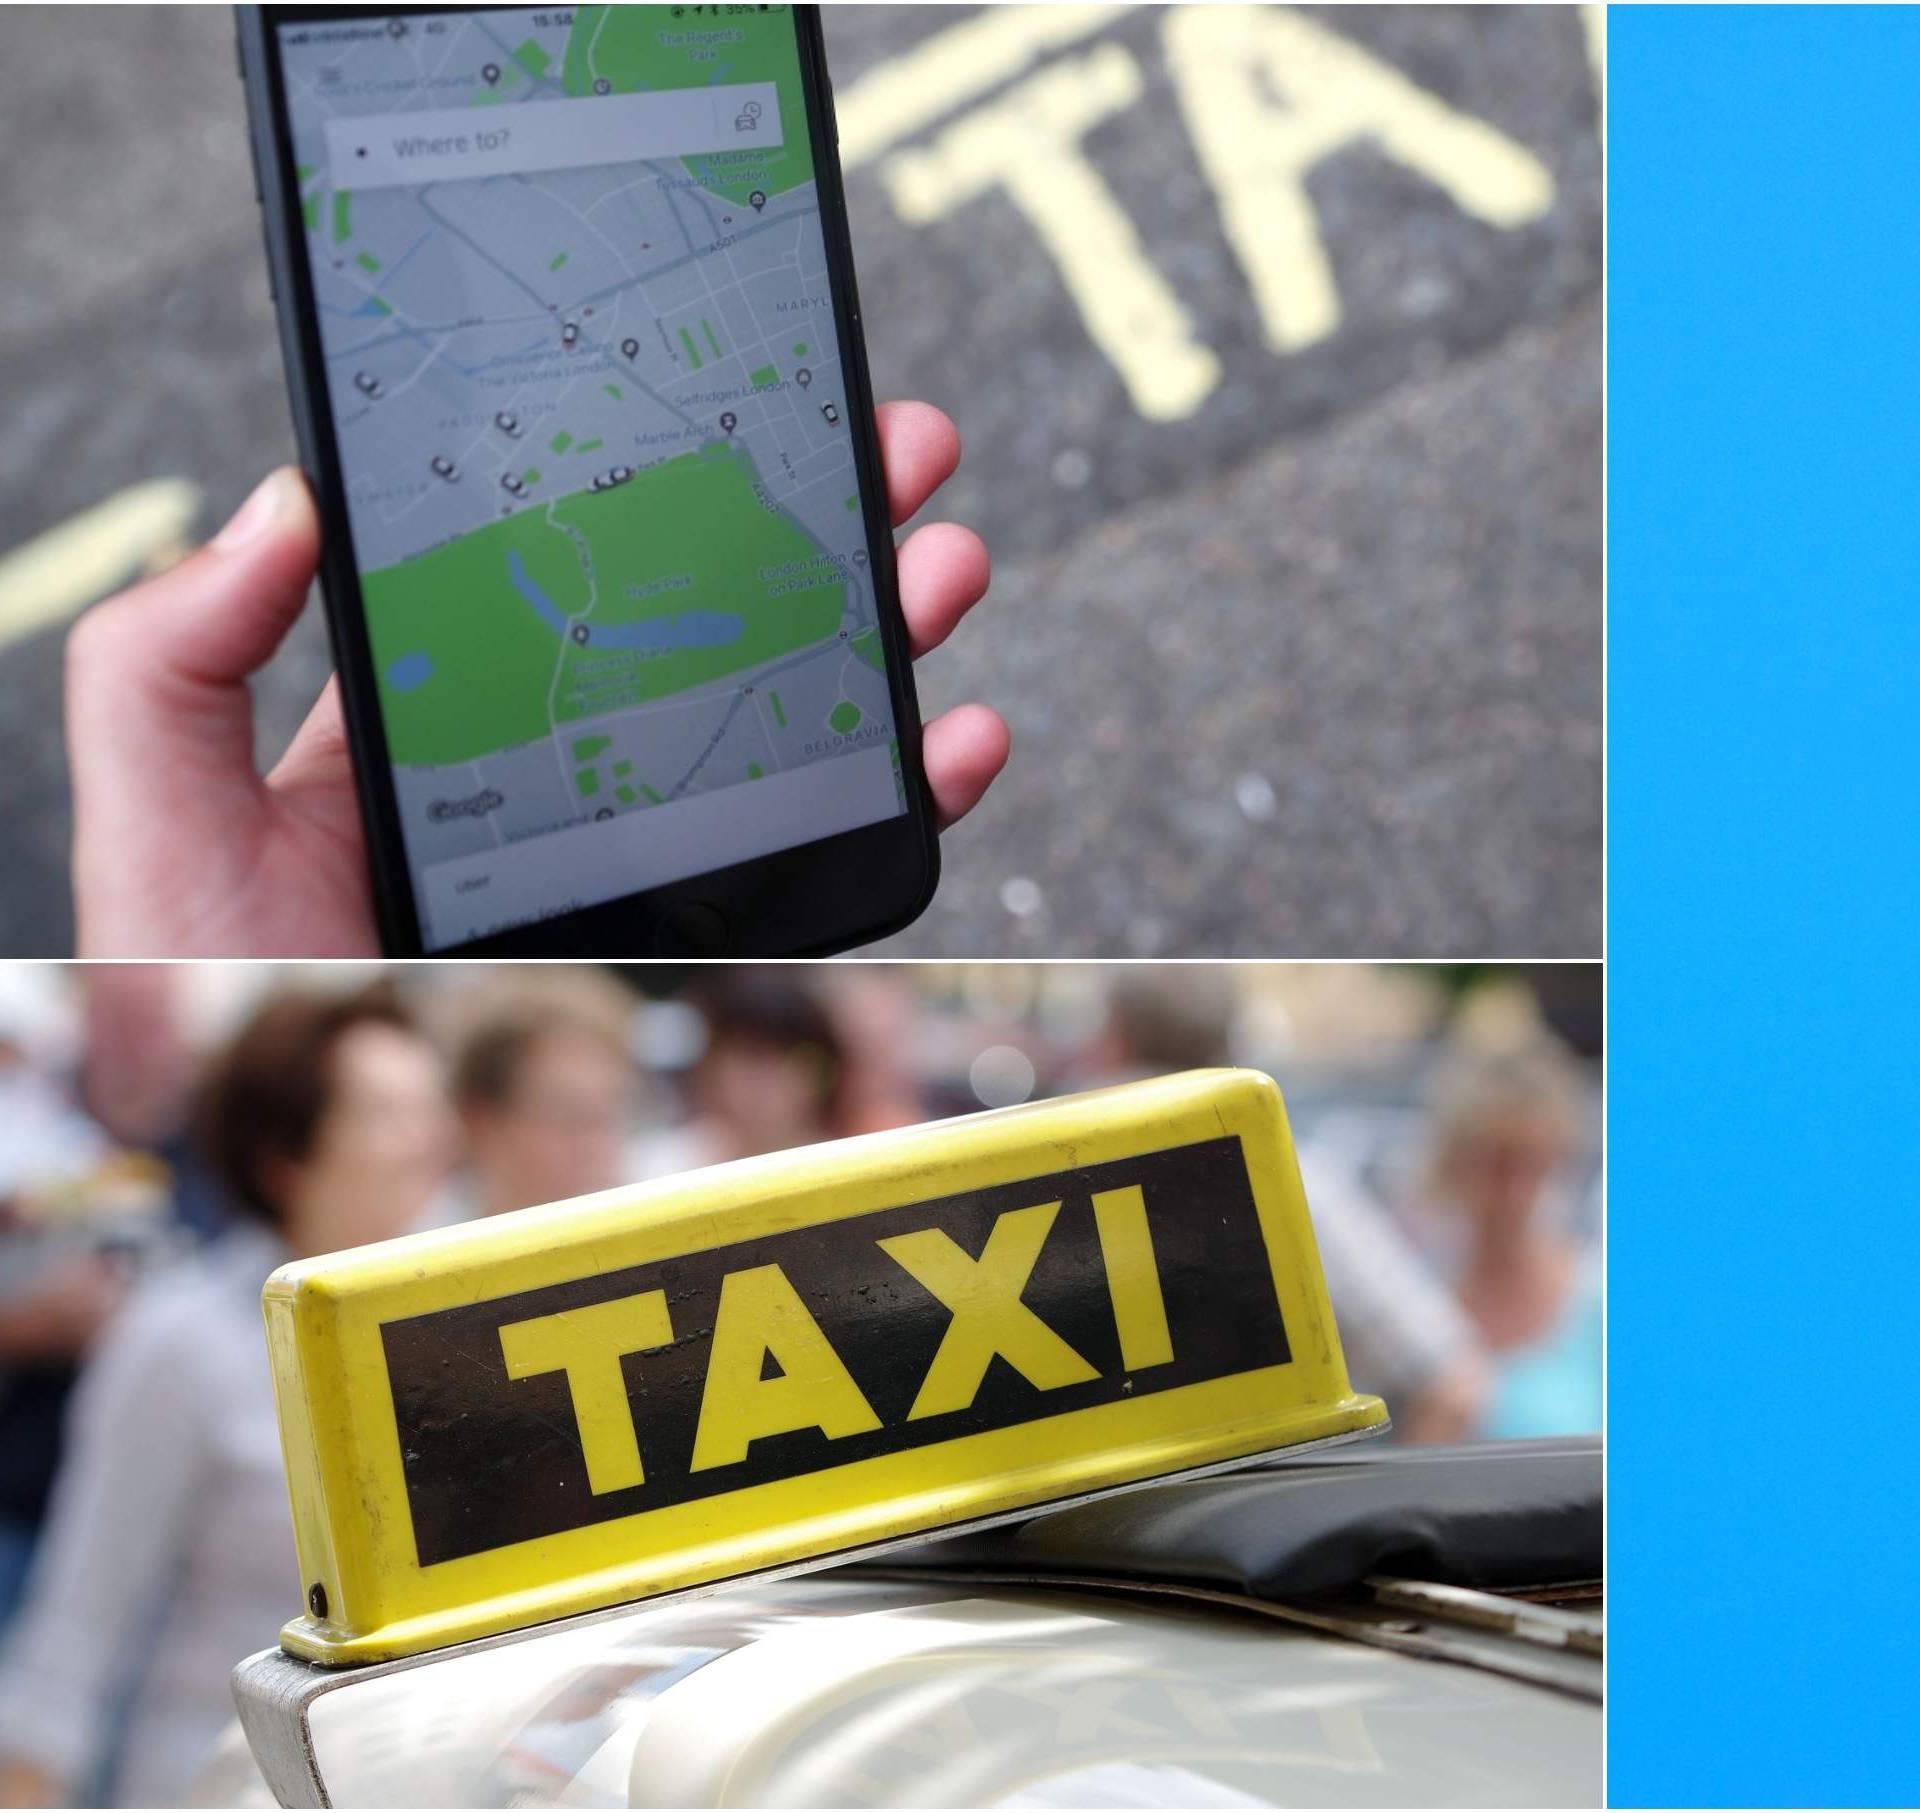 Bizarne priče iz taksija: Rekao mi je kako sada zna gdje živim